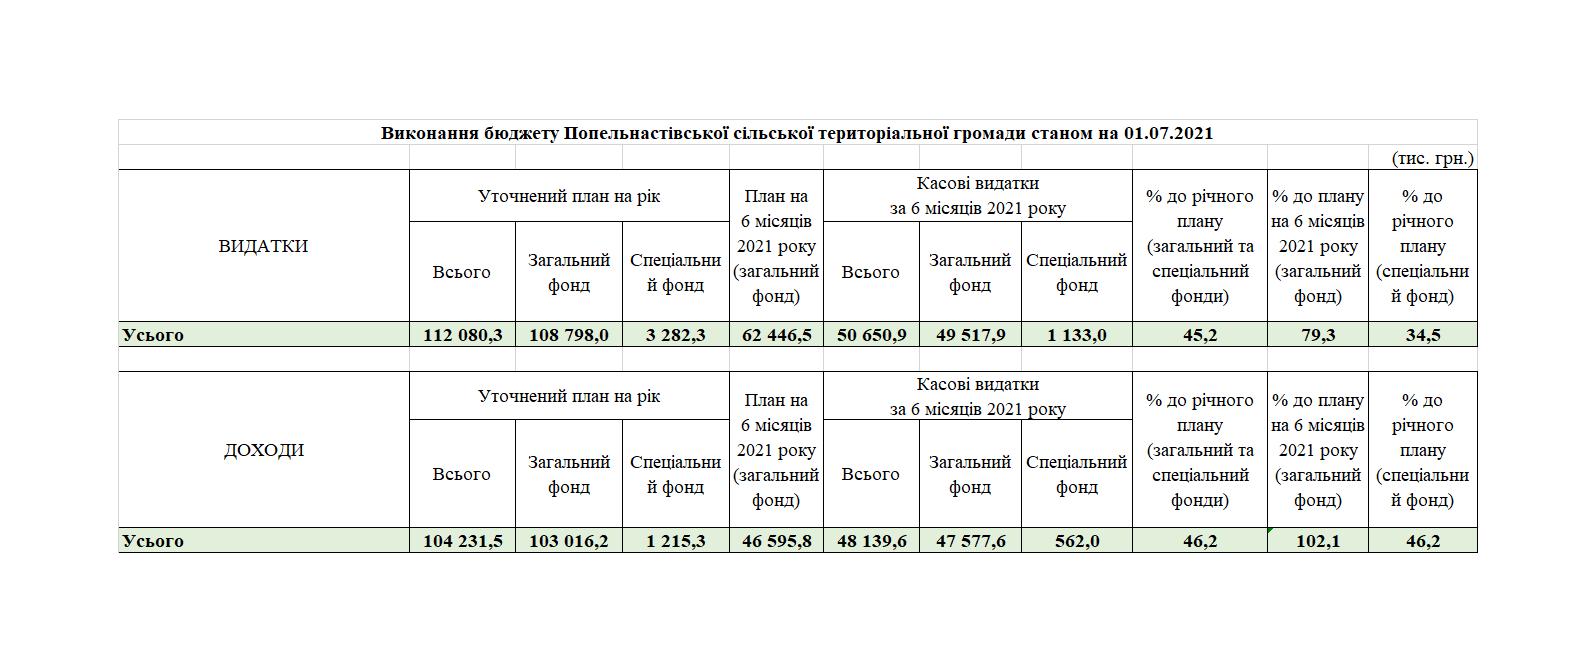 Виконання бюджету Попельнастівської сільської територіальної громади станом на 01.07.2021